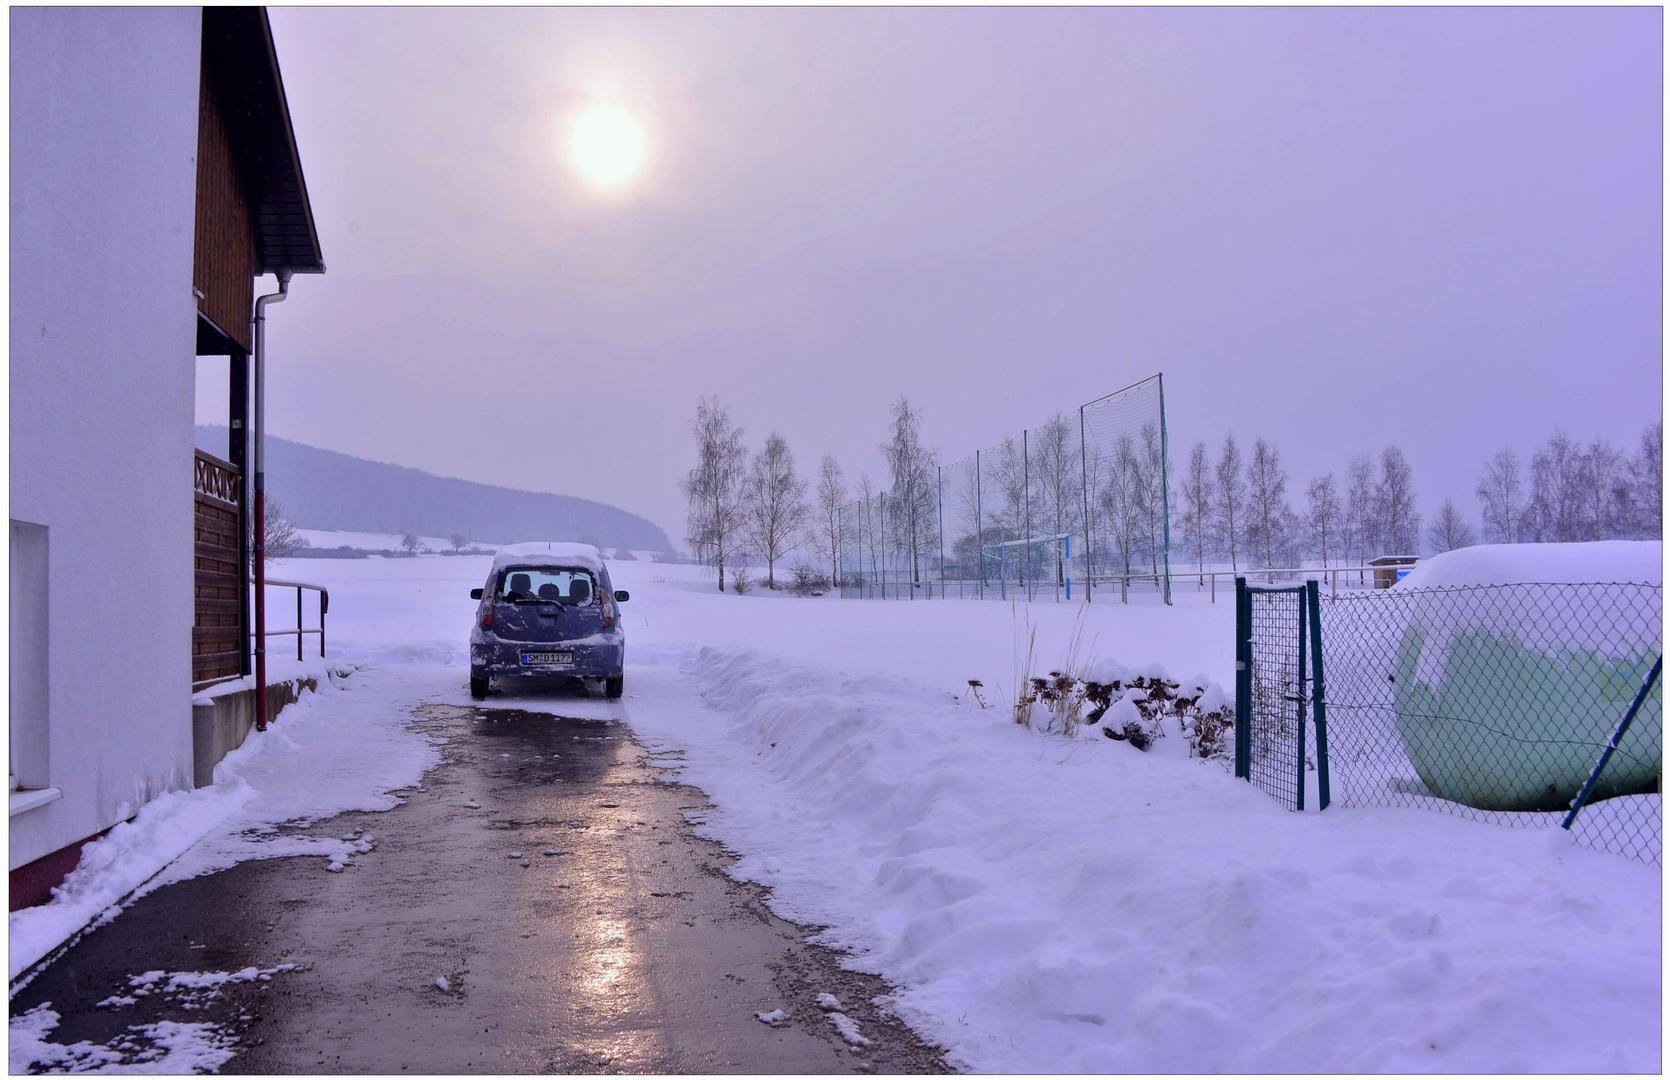 Invierno en el campo de deportes (Winter am Sportplatz)